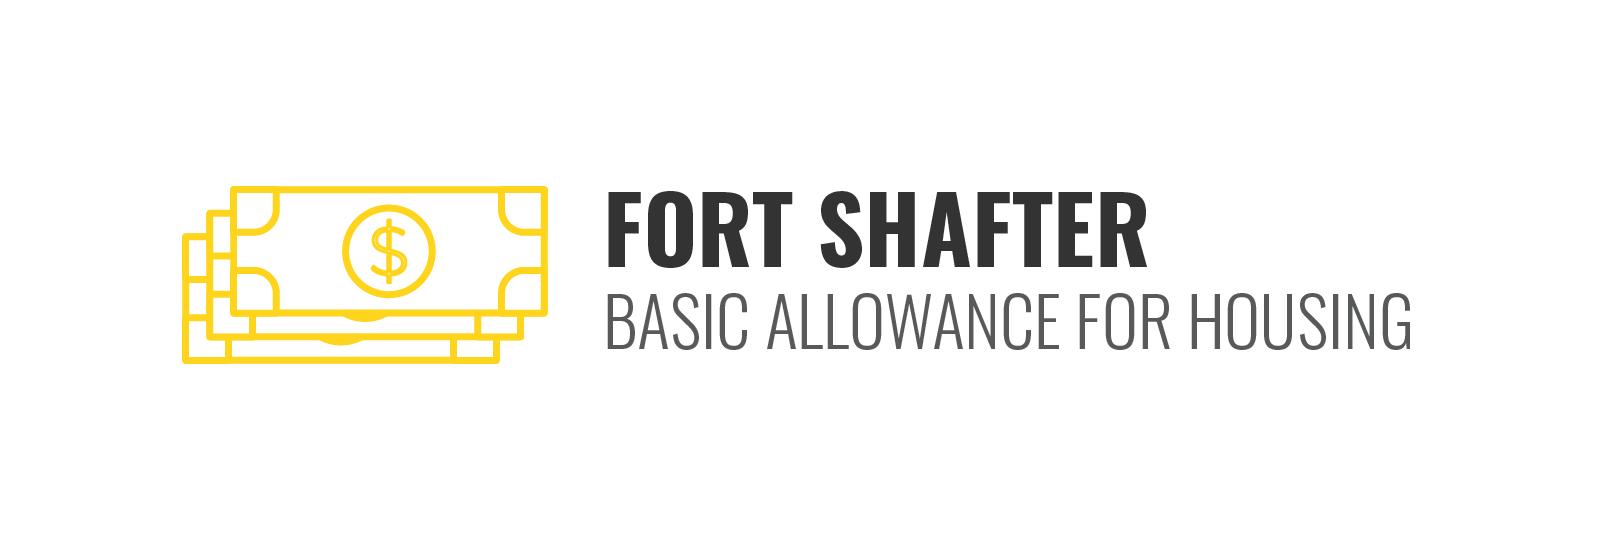 BAH Fort Shafter